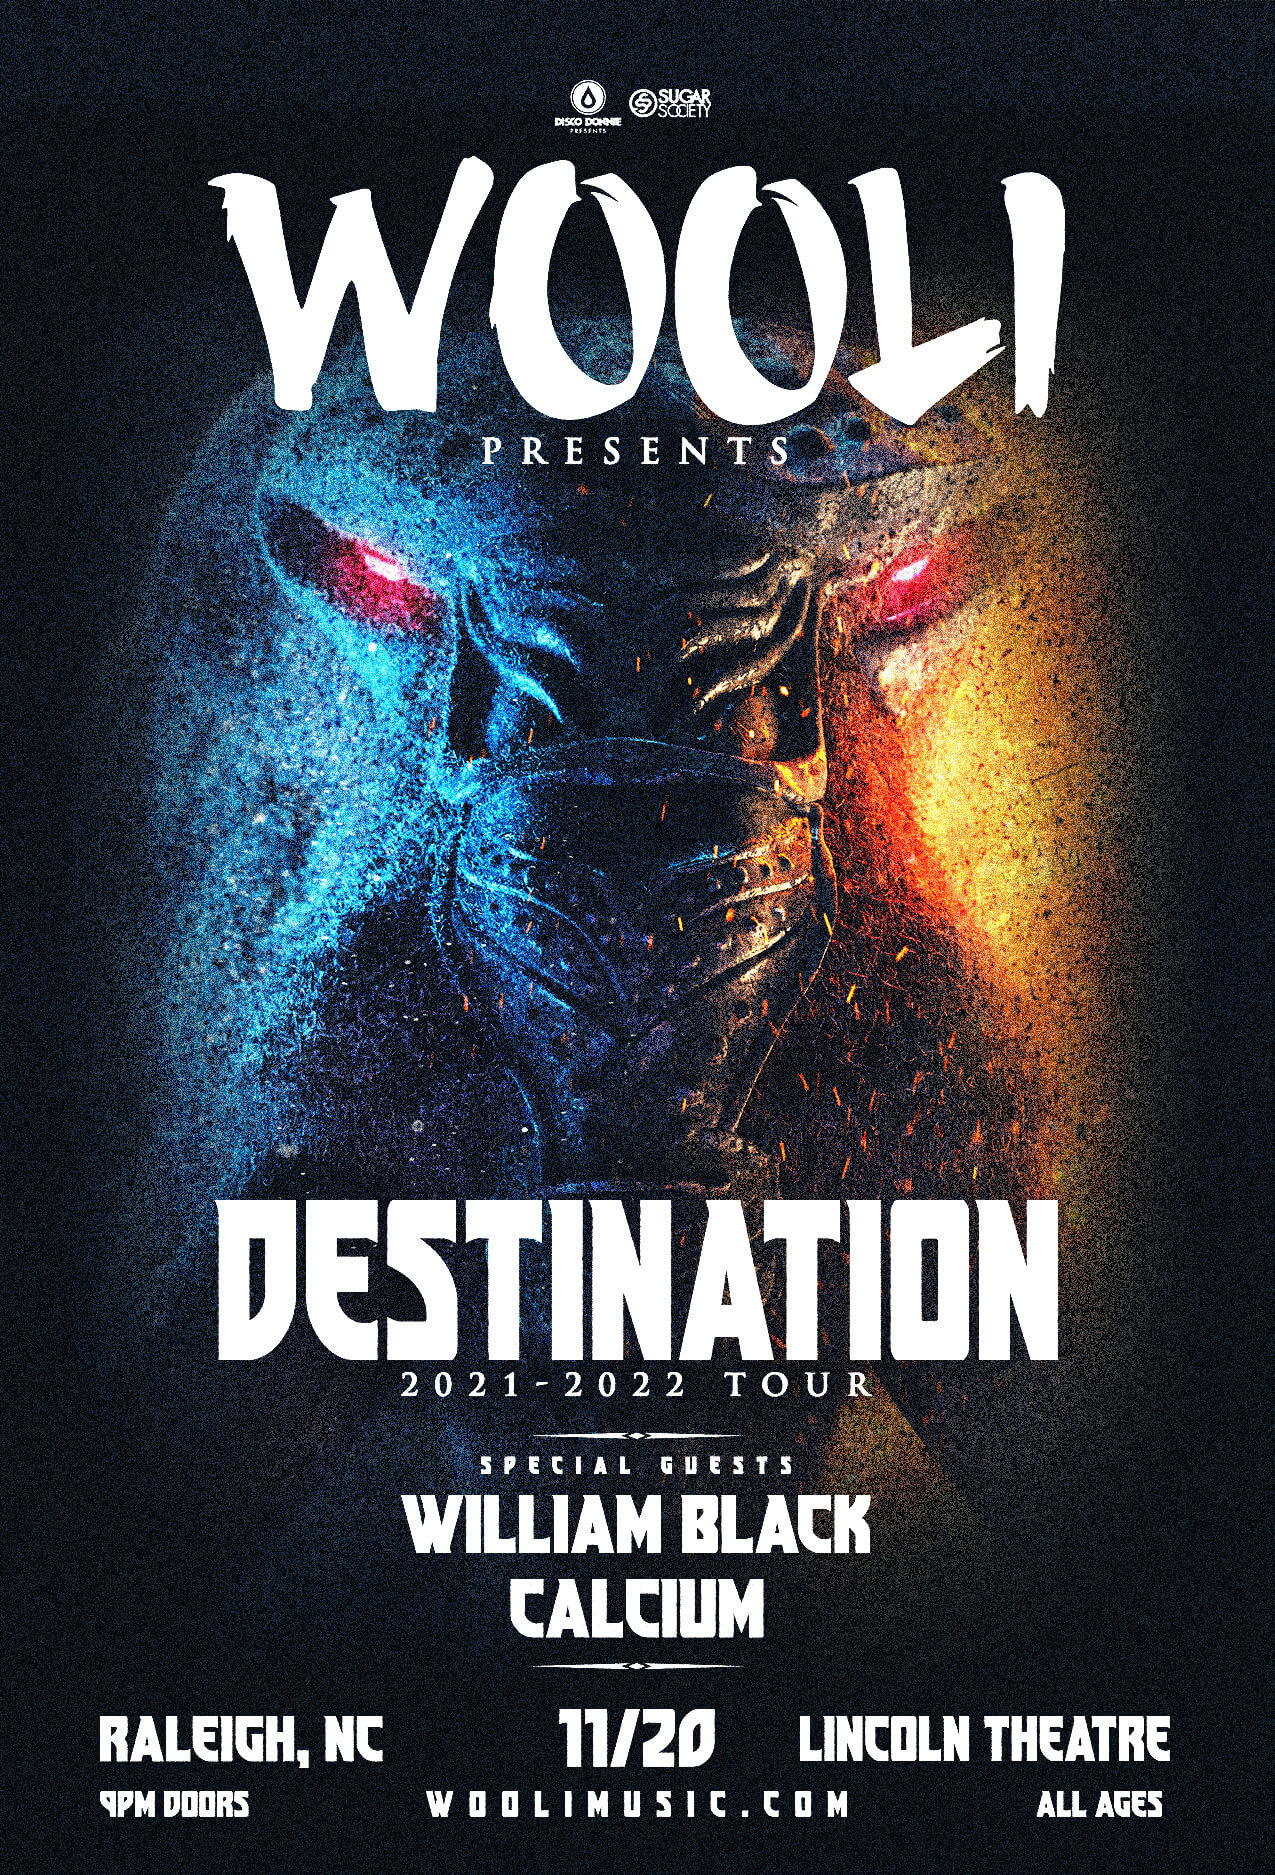 Wooli, William Black, Calcium in Raleigh